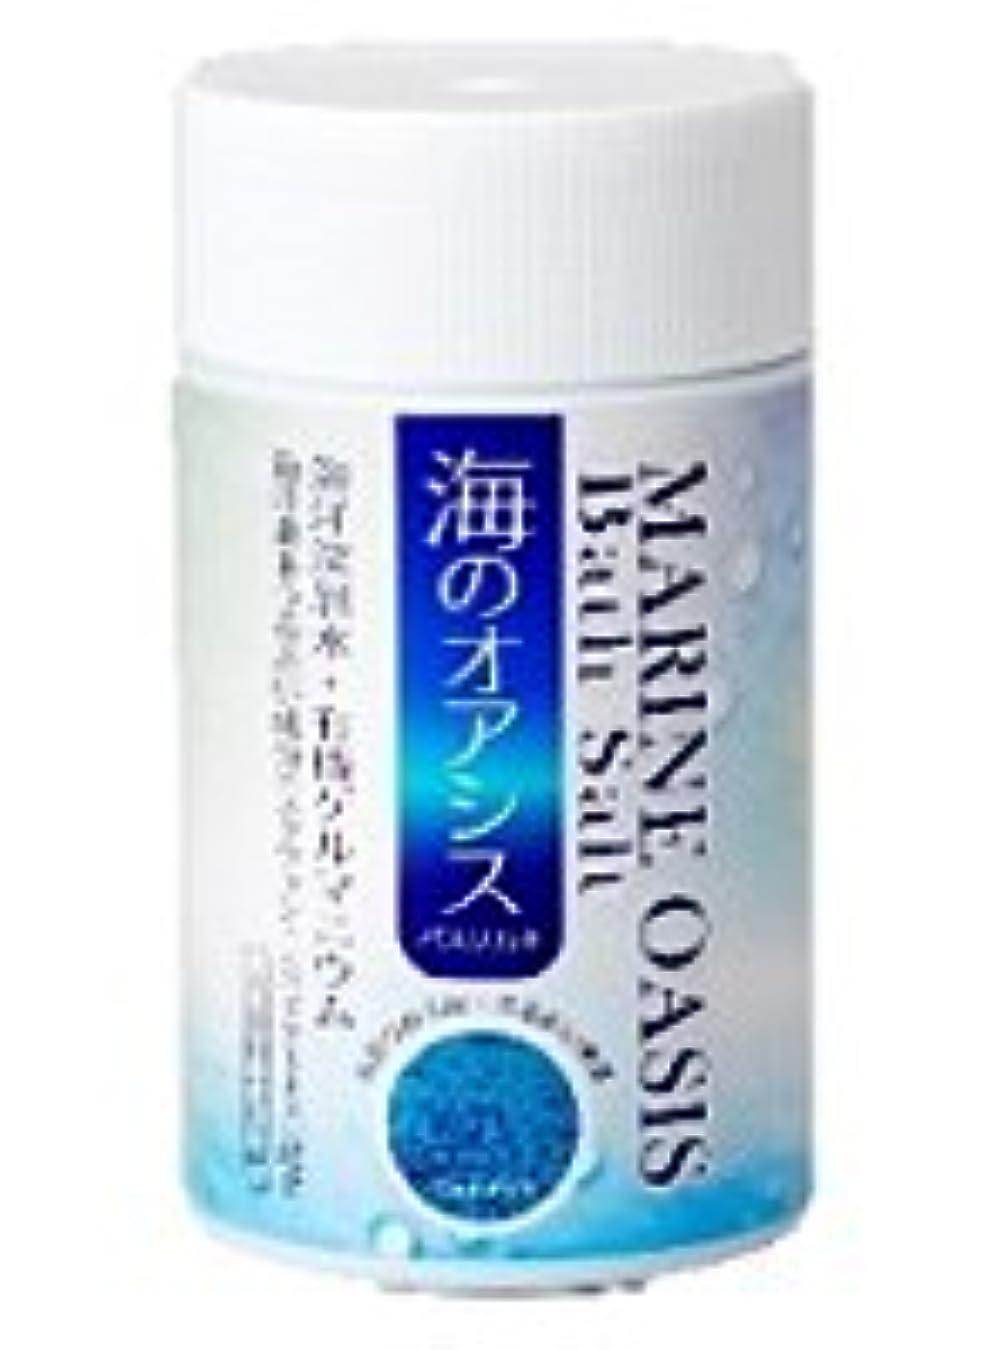 国内のる独特の入浴用化粧品 海のオアシス バスソルト 1020g